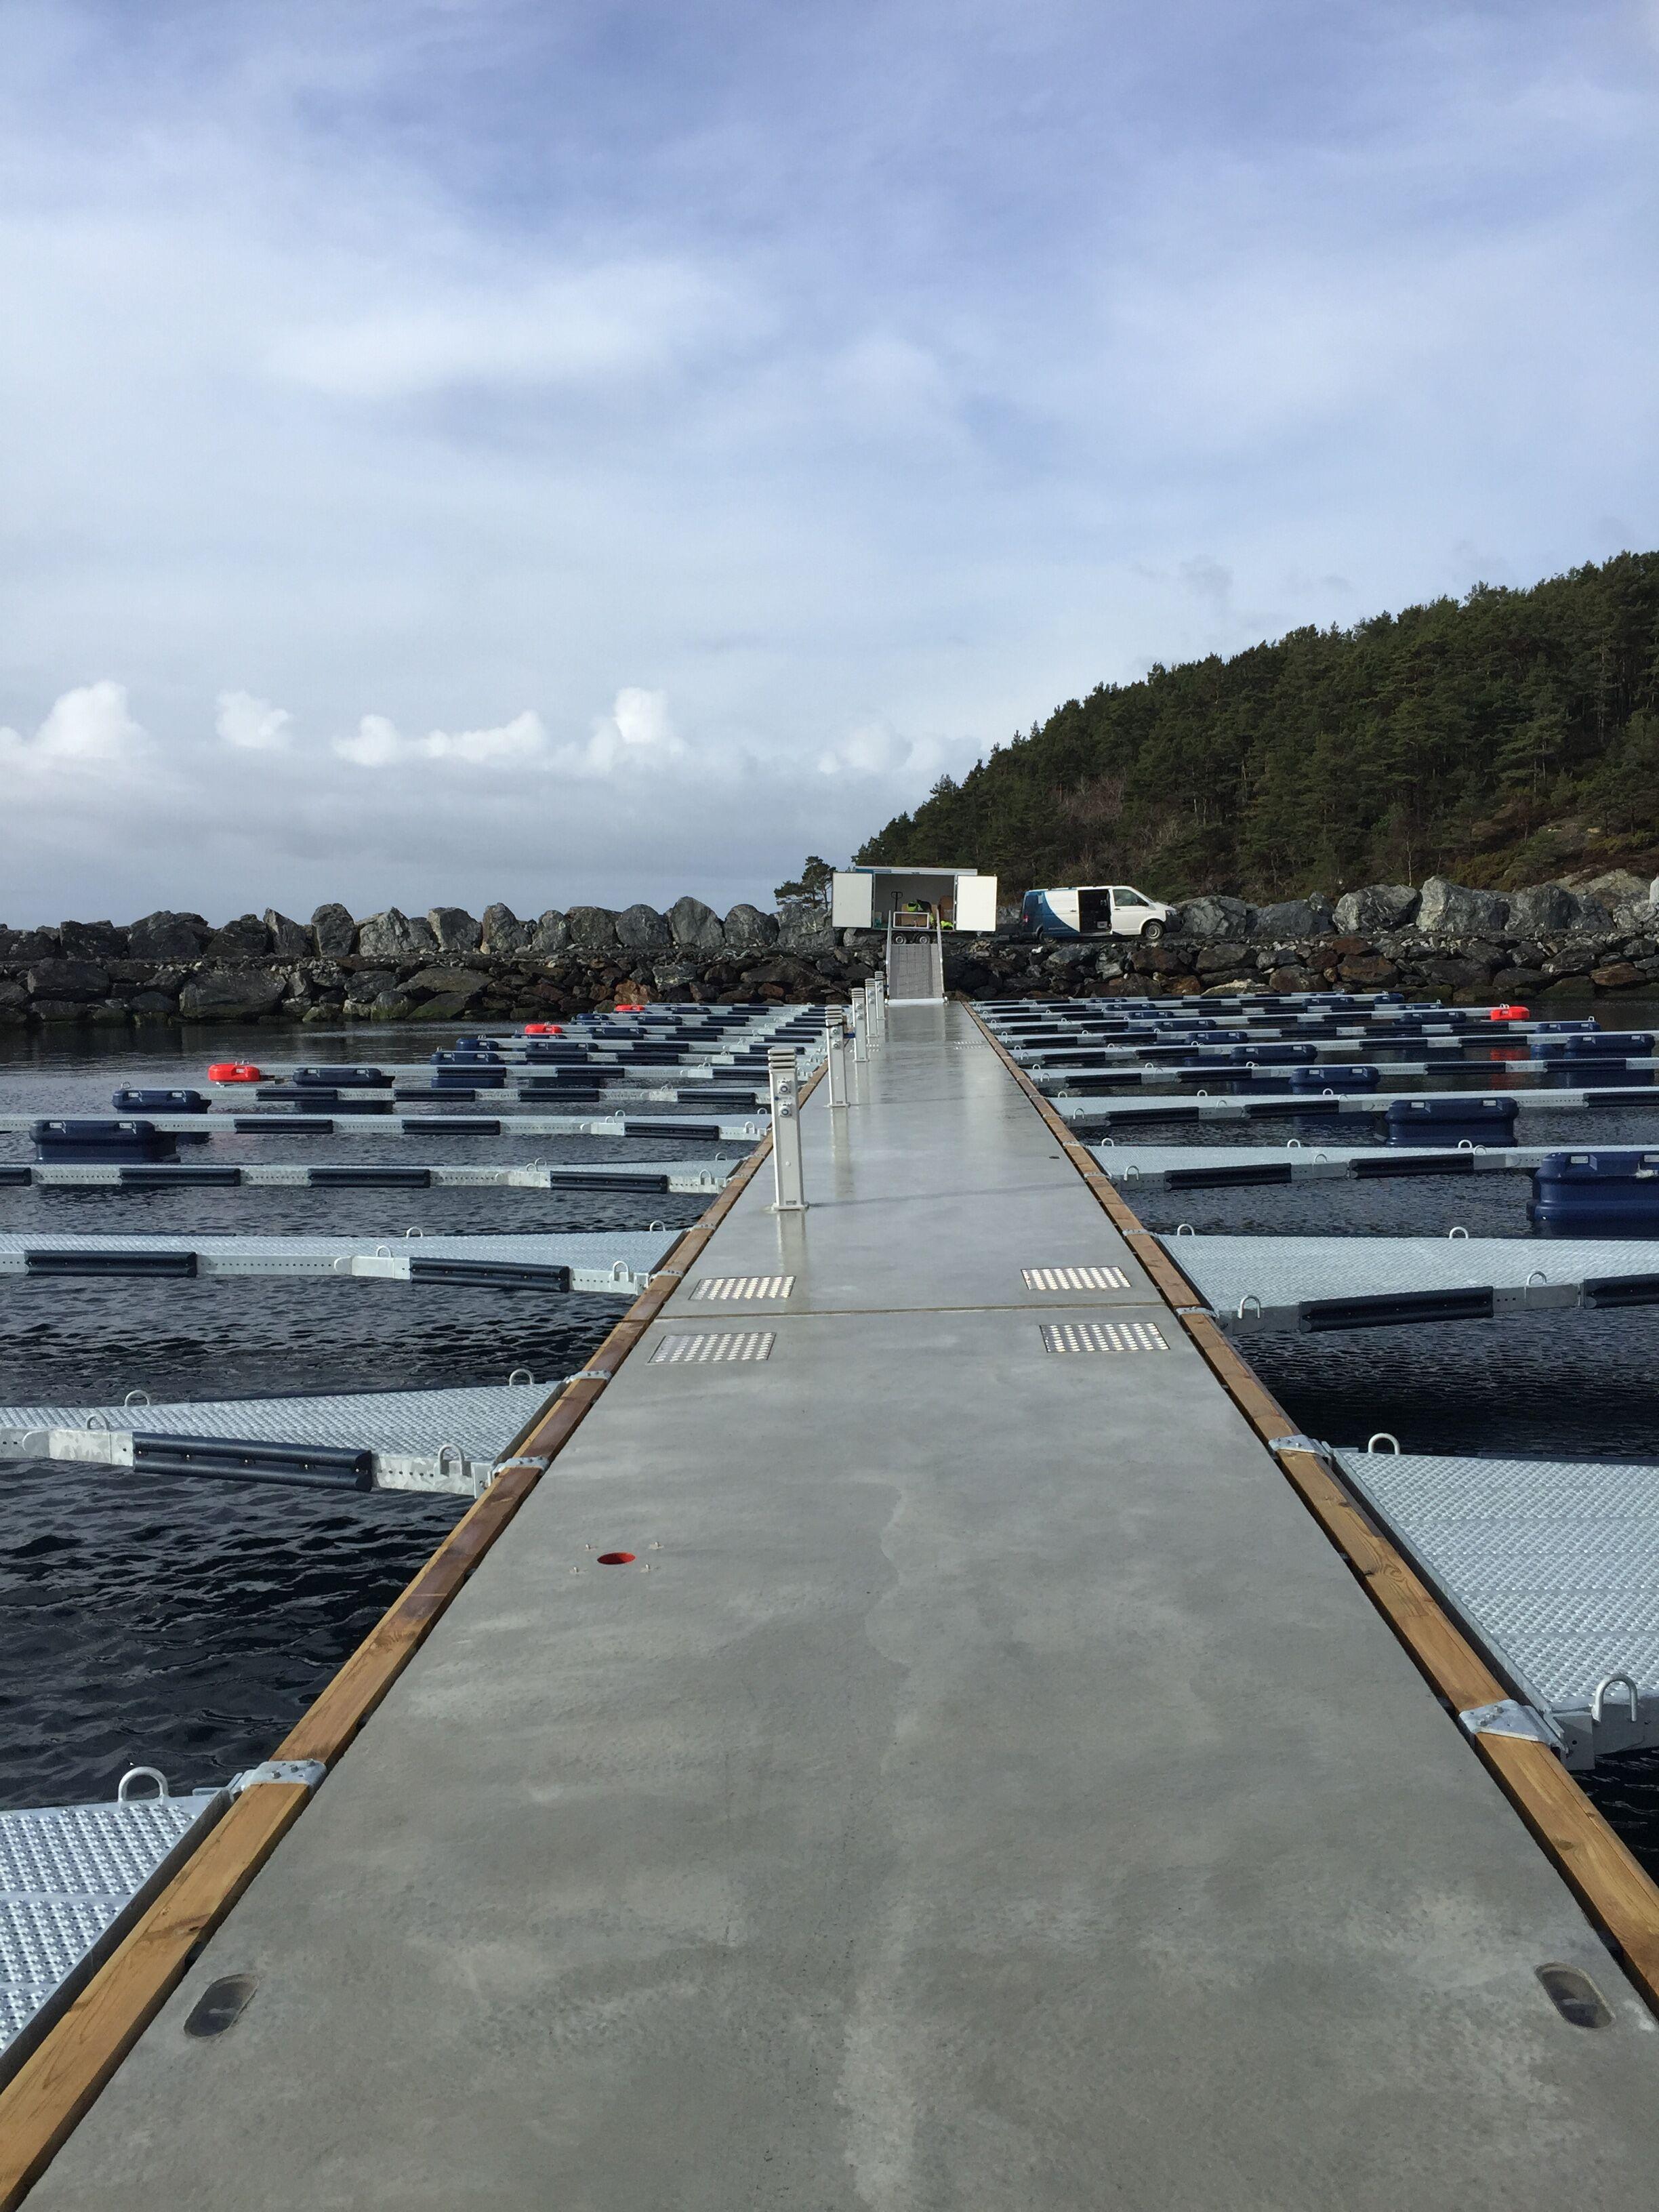 https://marinasolutions.no/uploads/Skjersholmane-Marina-Solutions-4.jpg